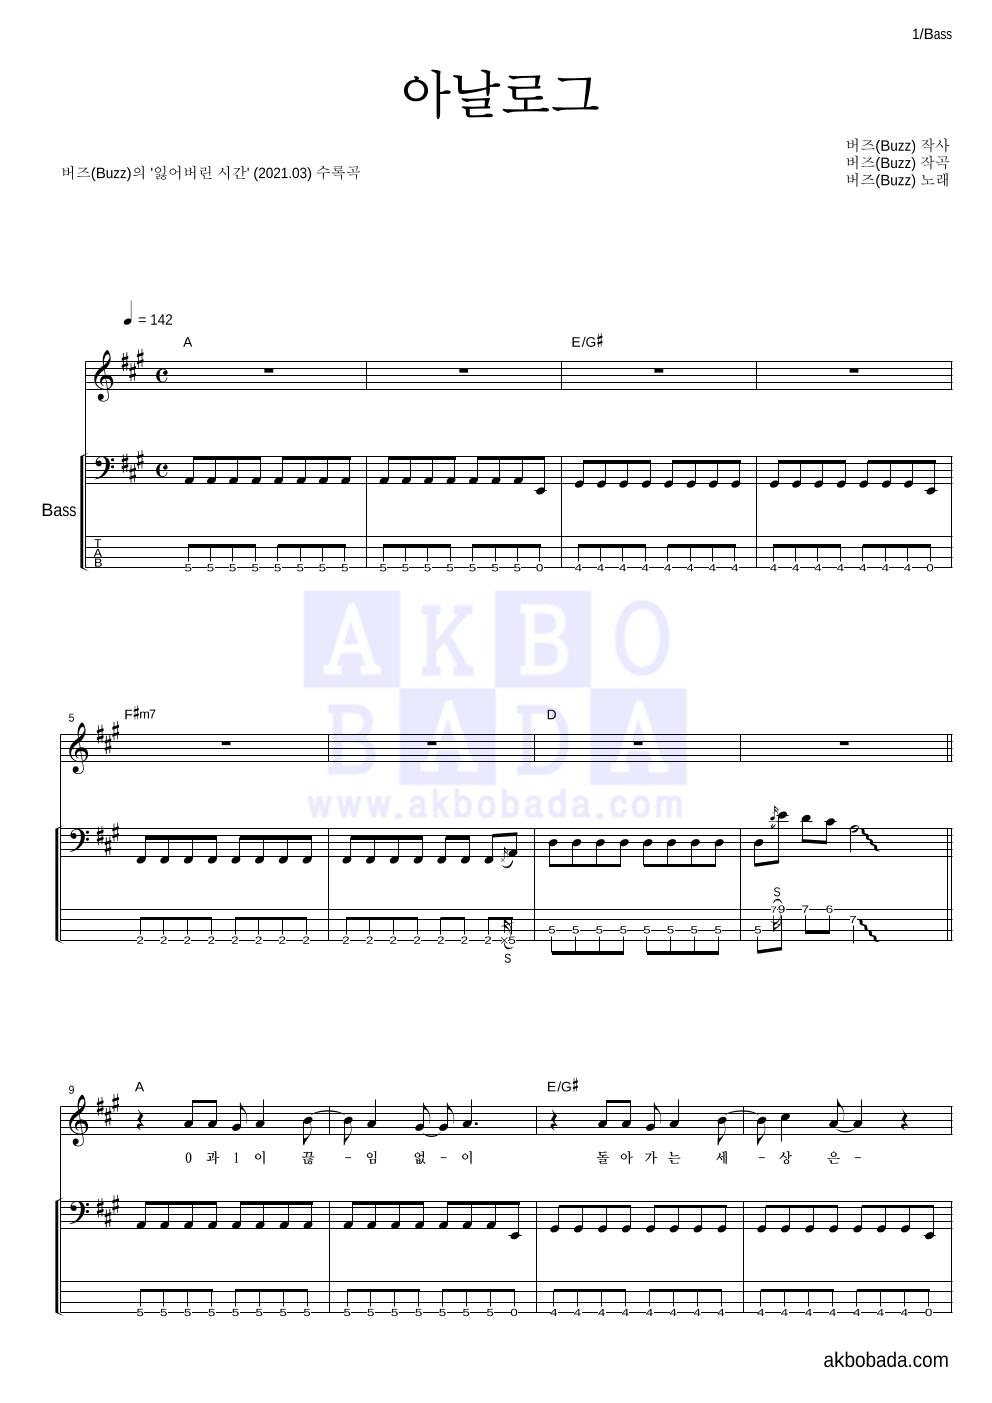 버즈(Buzz) - 아날로그 베이스 악보